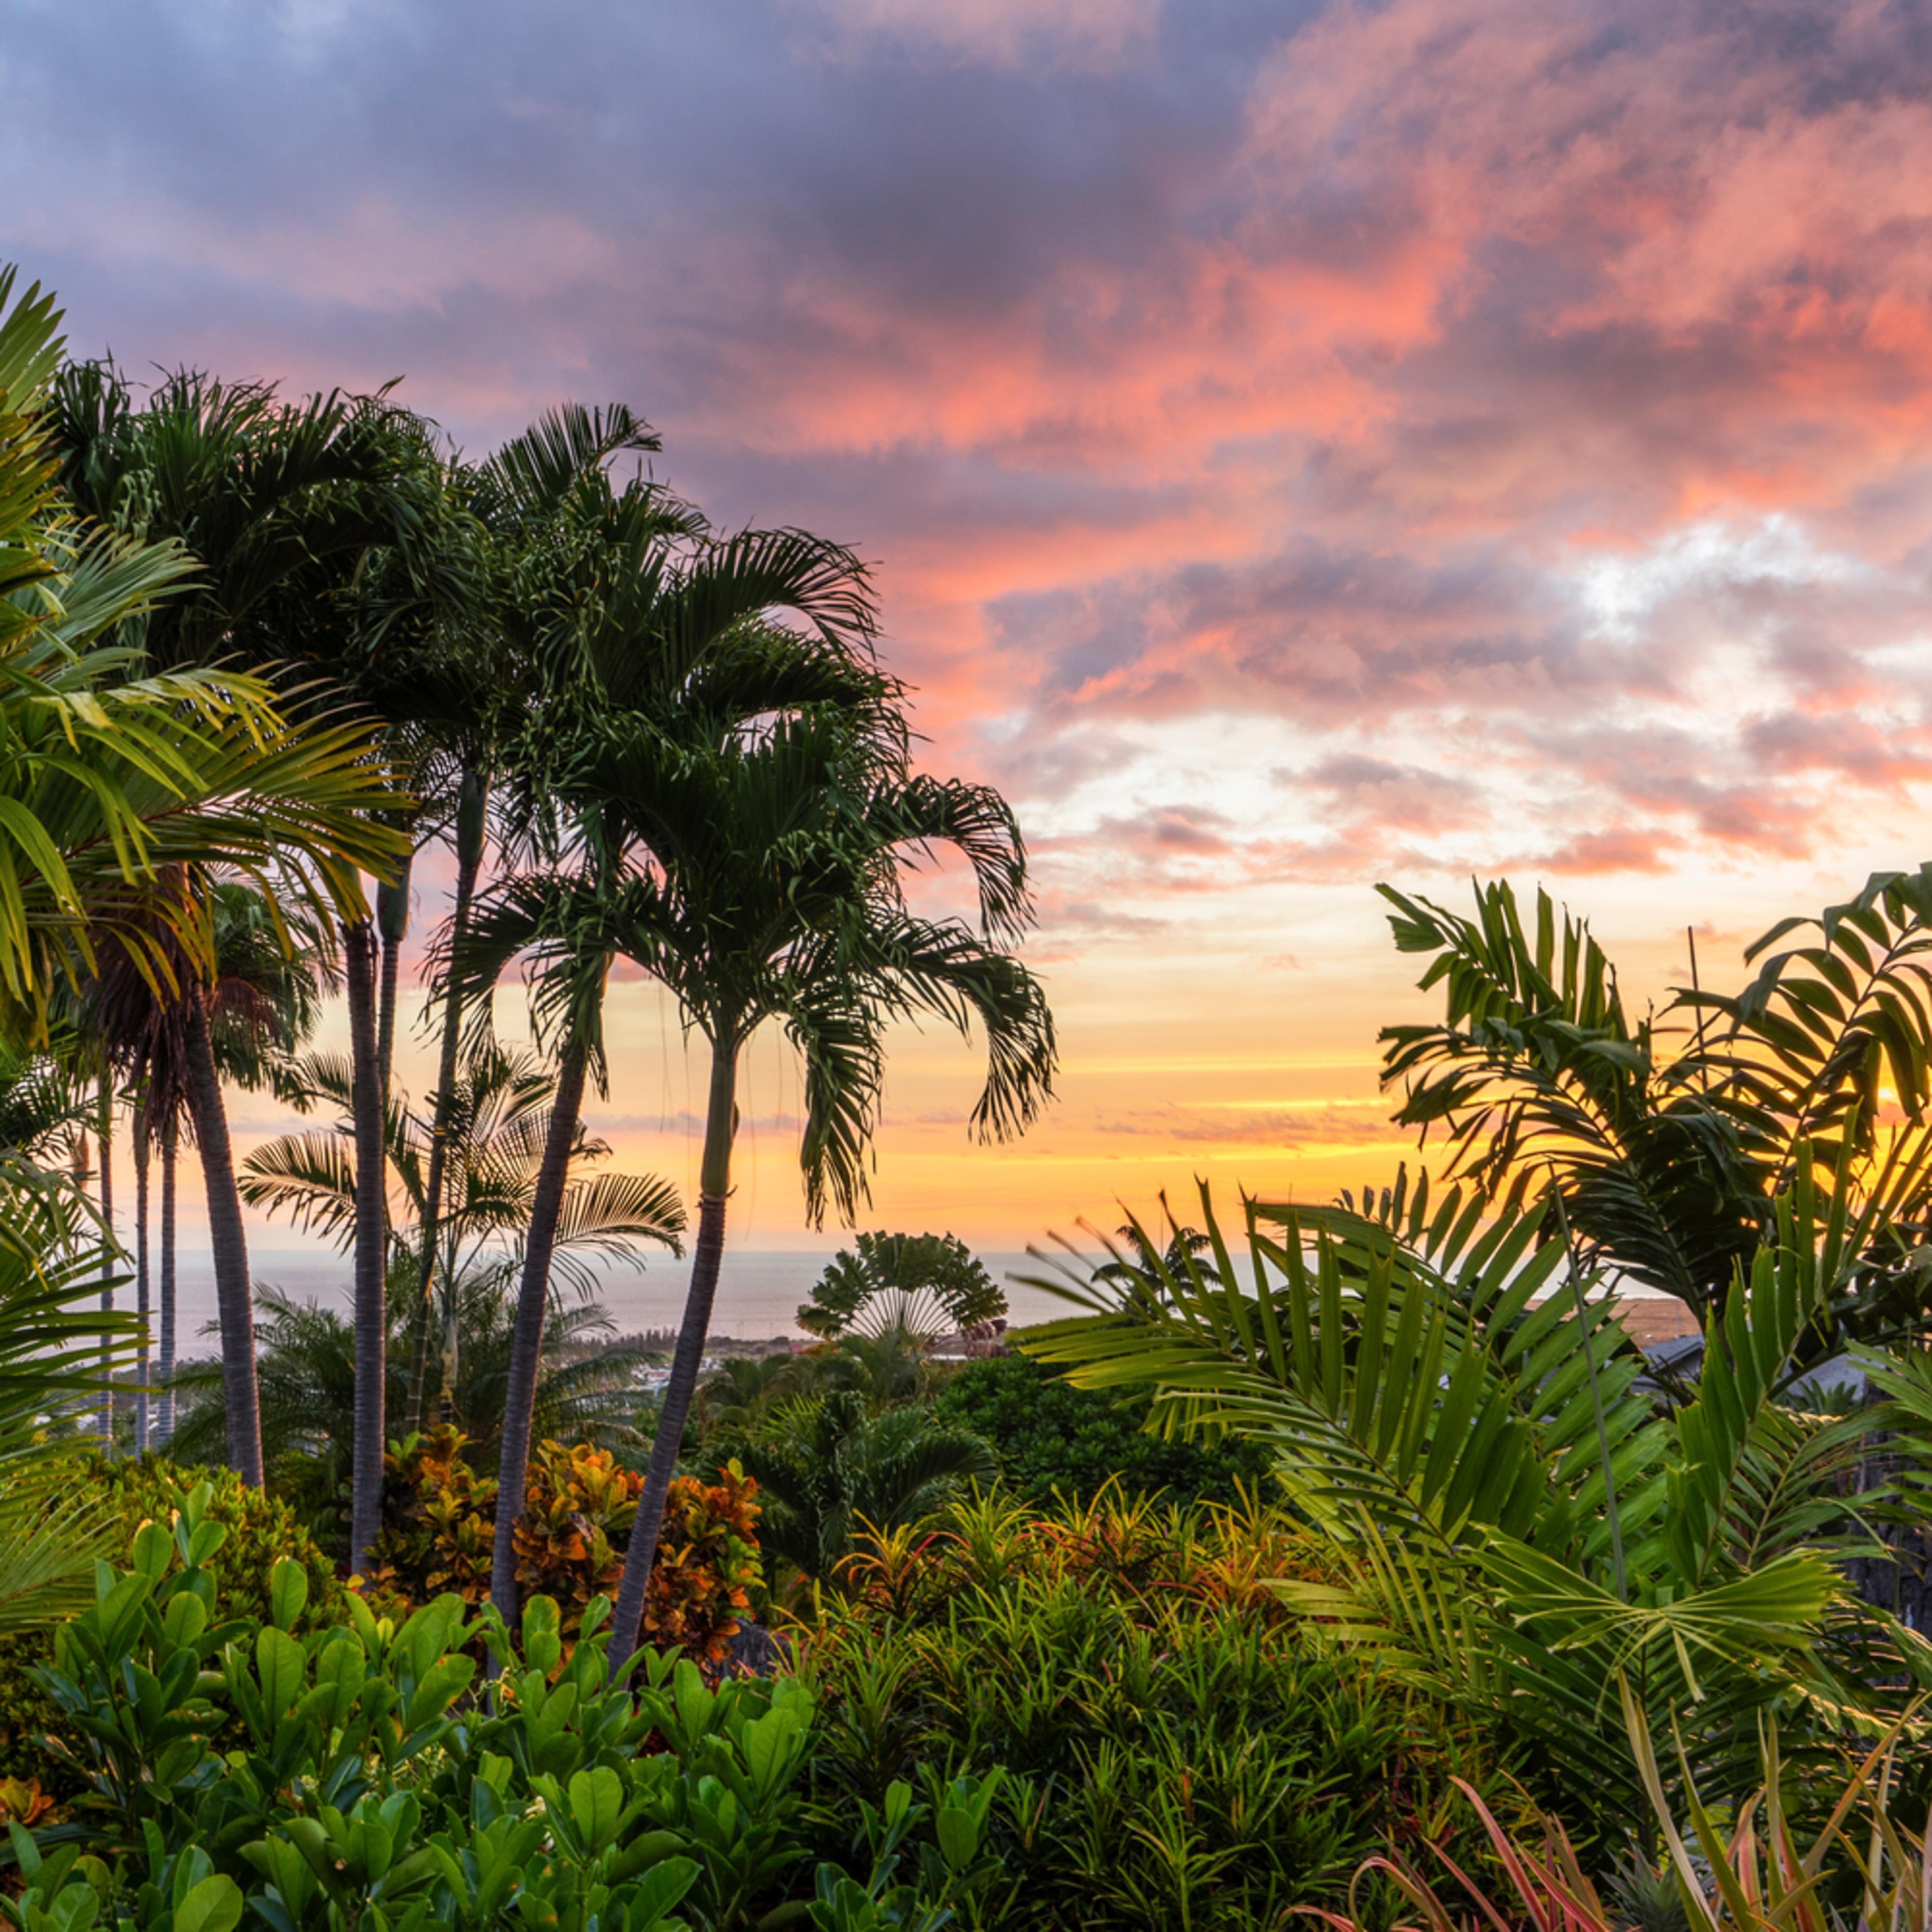 Sunset in paradise c1q7hx